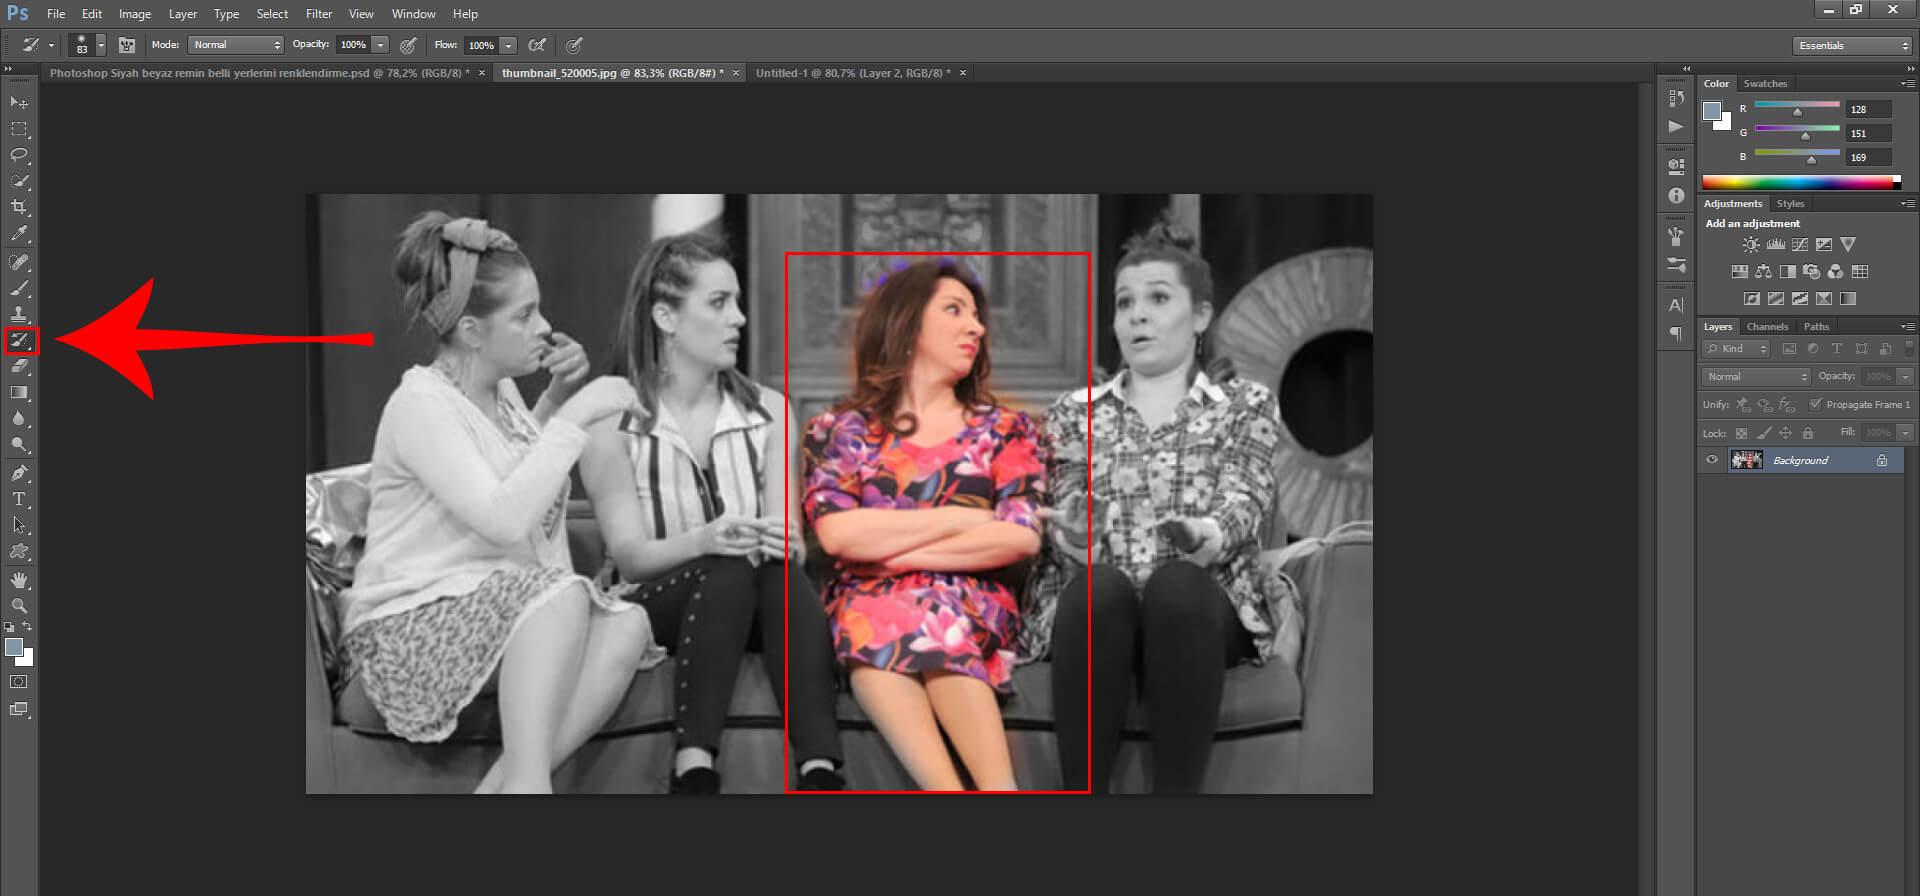 Photoshop'da Resmi Renklendirme Nasıl Yapılır ?